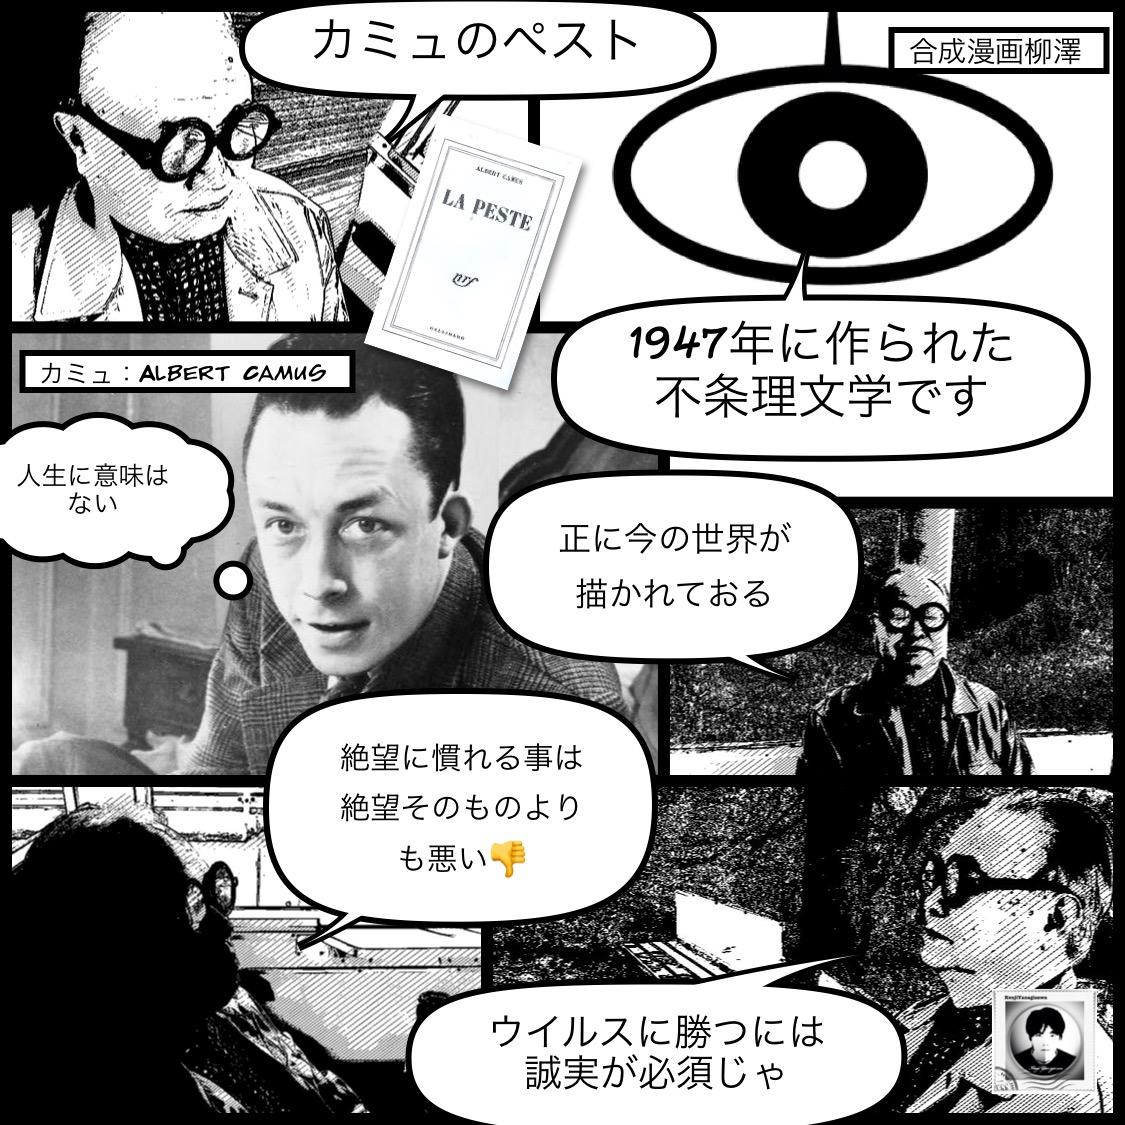 カミュ:ペスト(不条理文学)